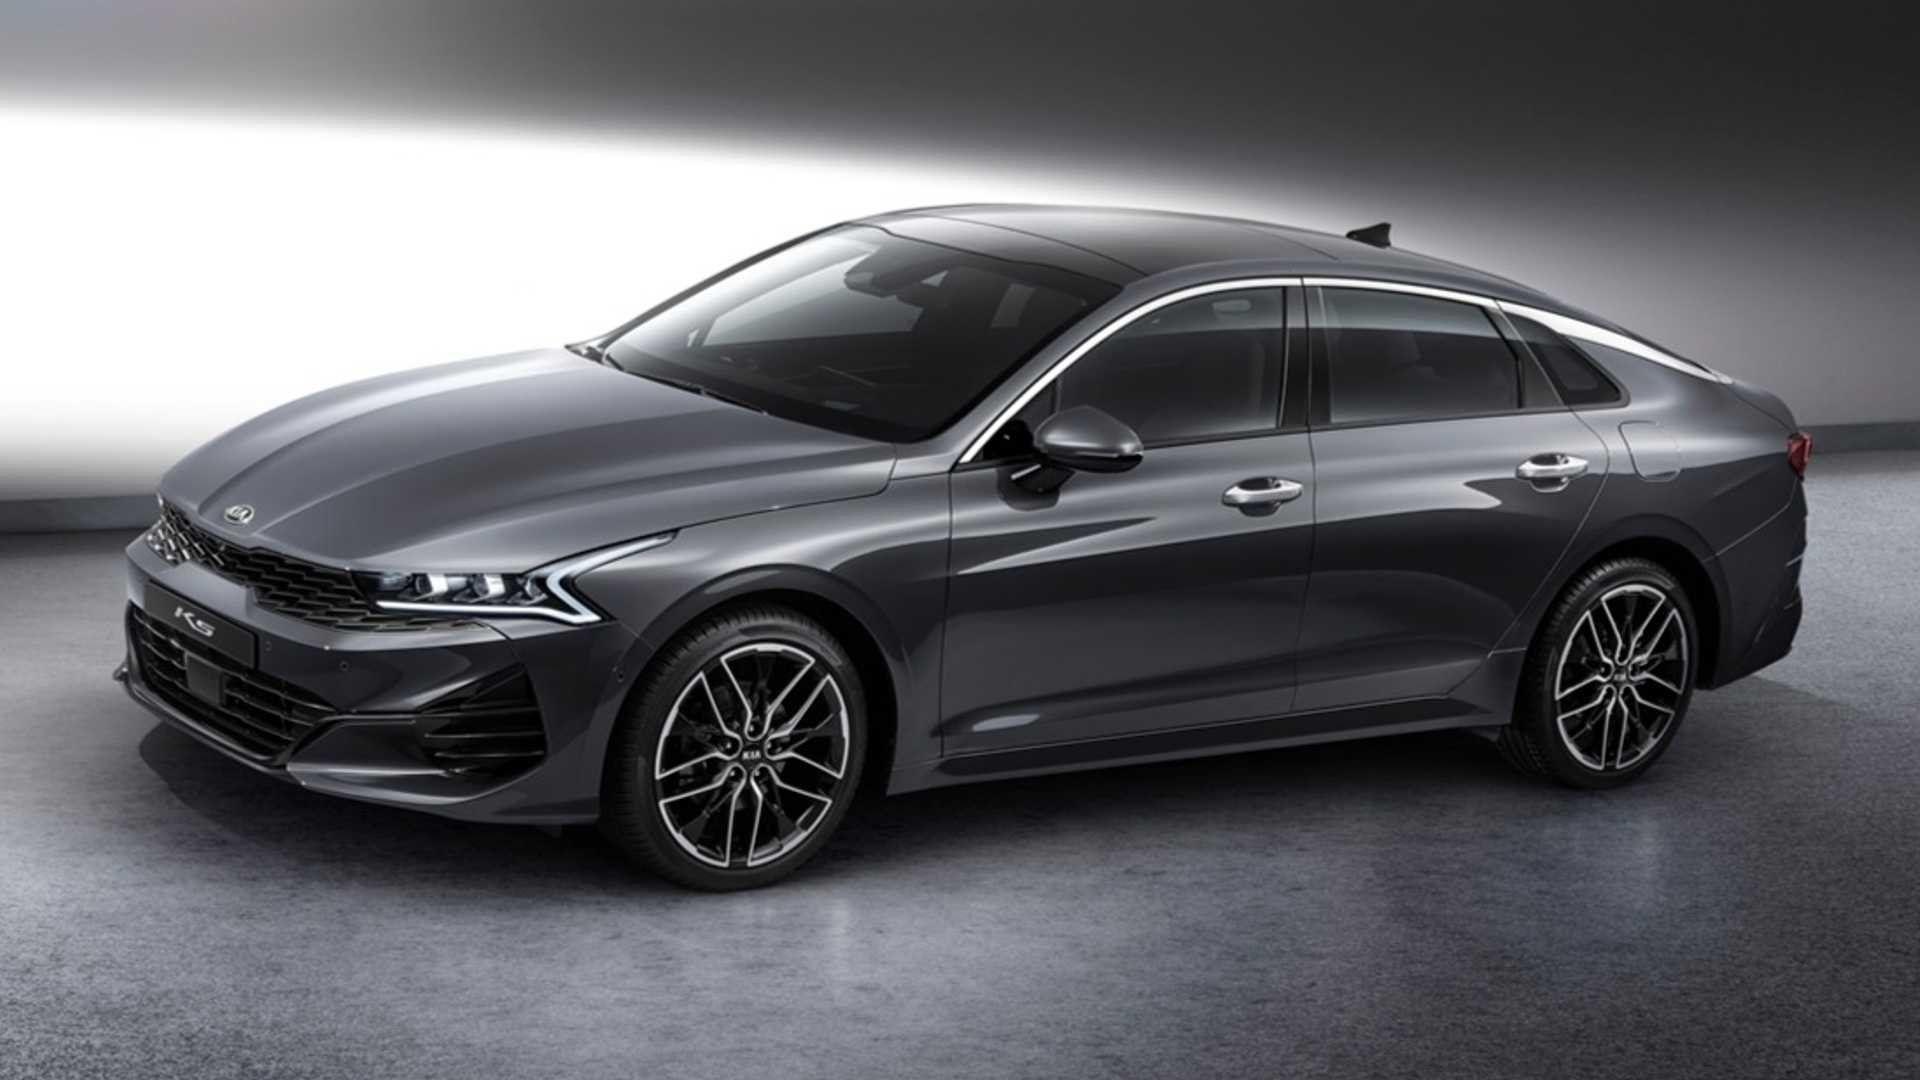 2021 Dodge Avenger Spy Shoot in 2020 | Kia optima, Kia ...